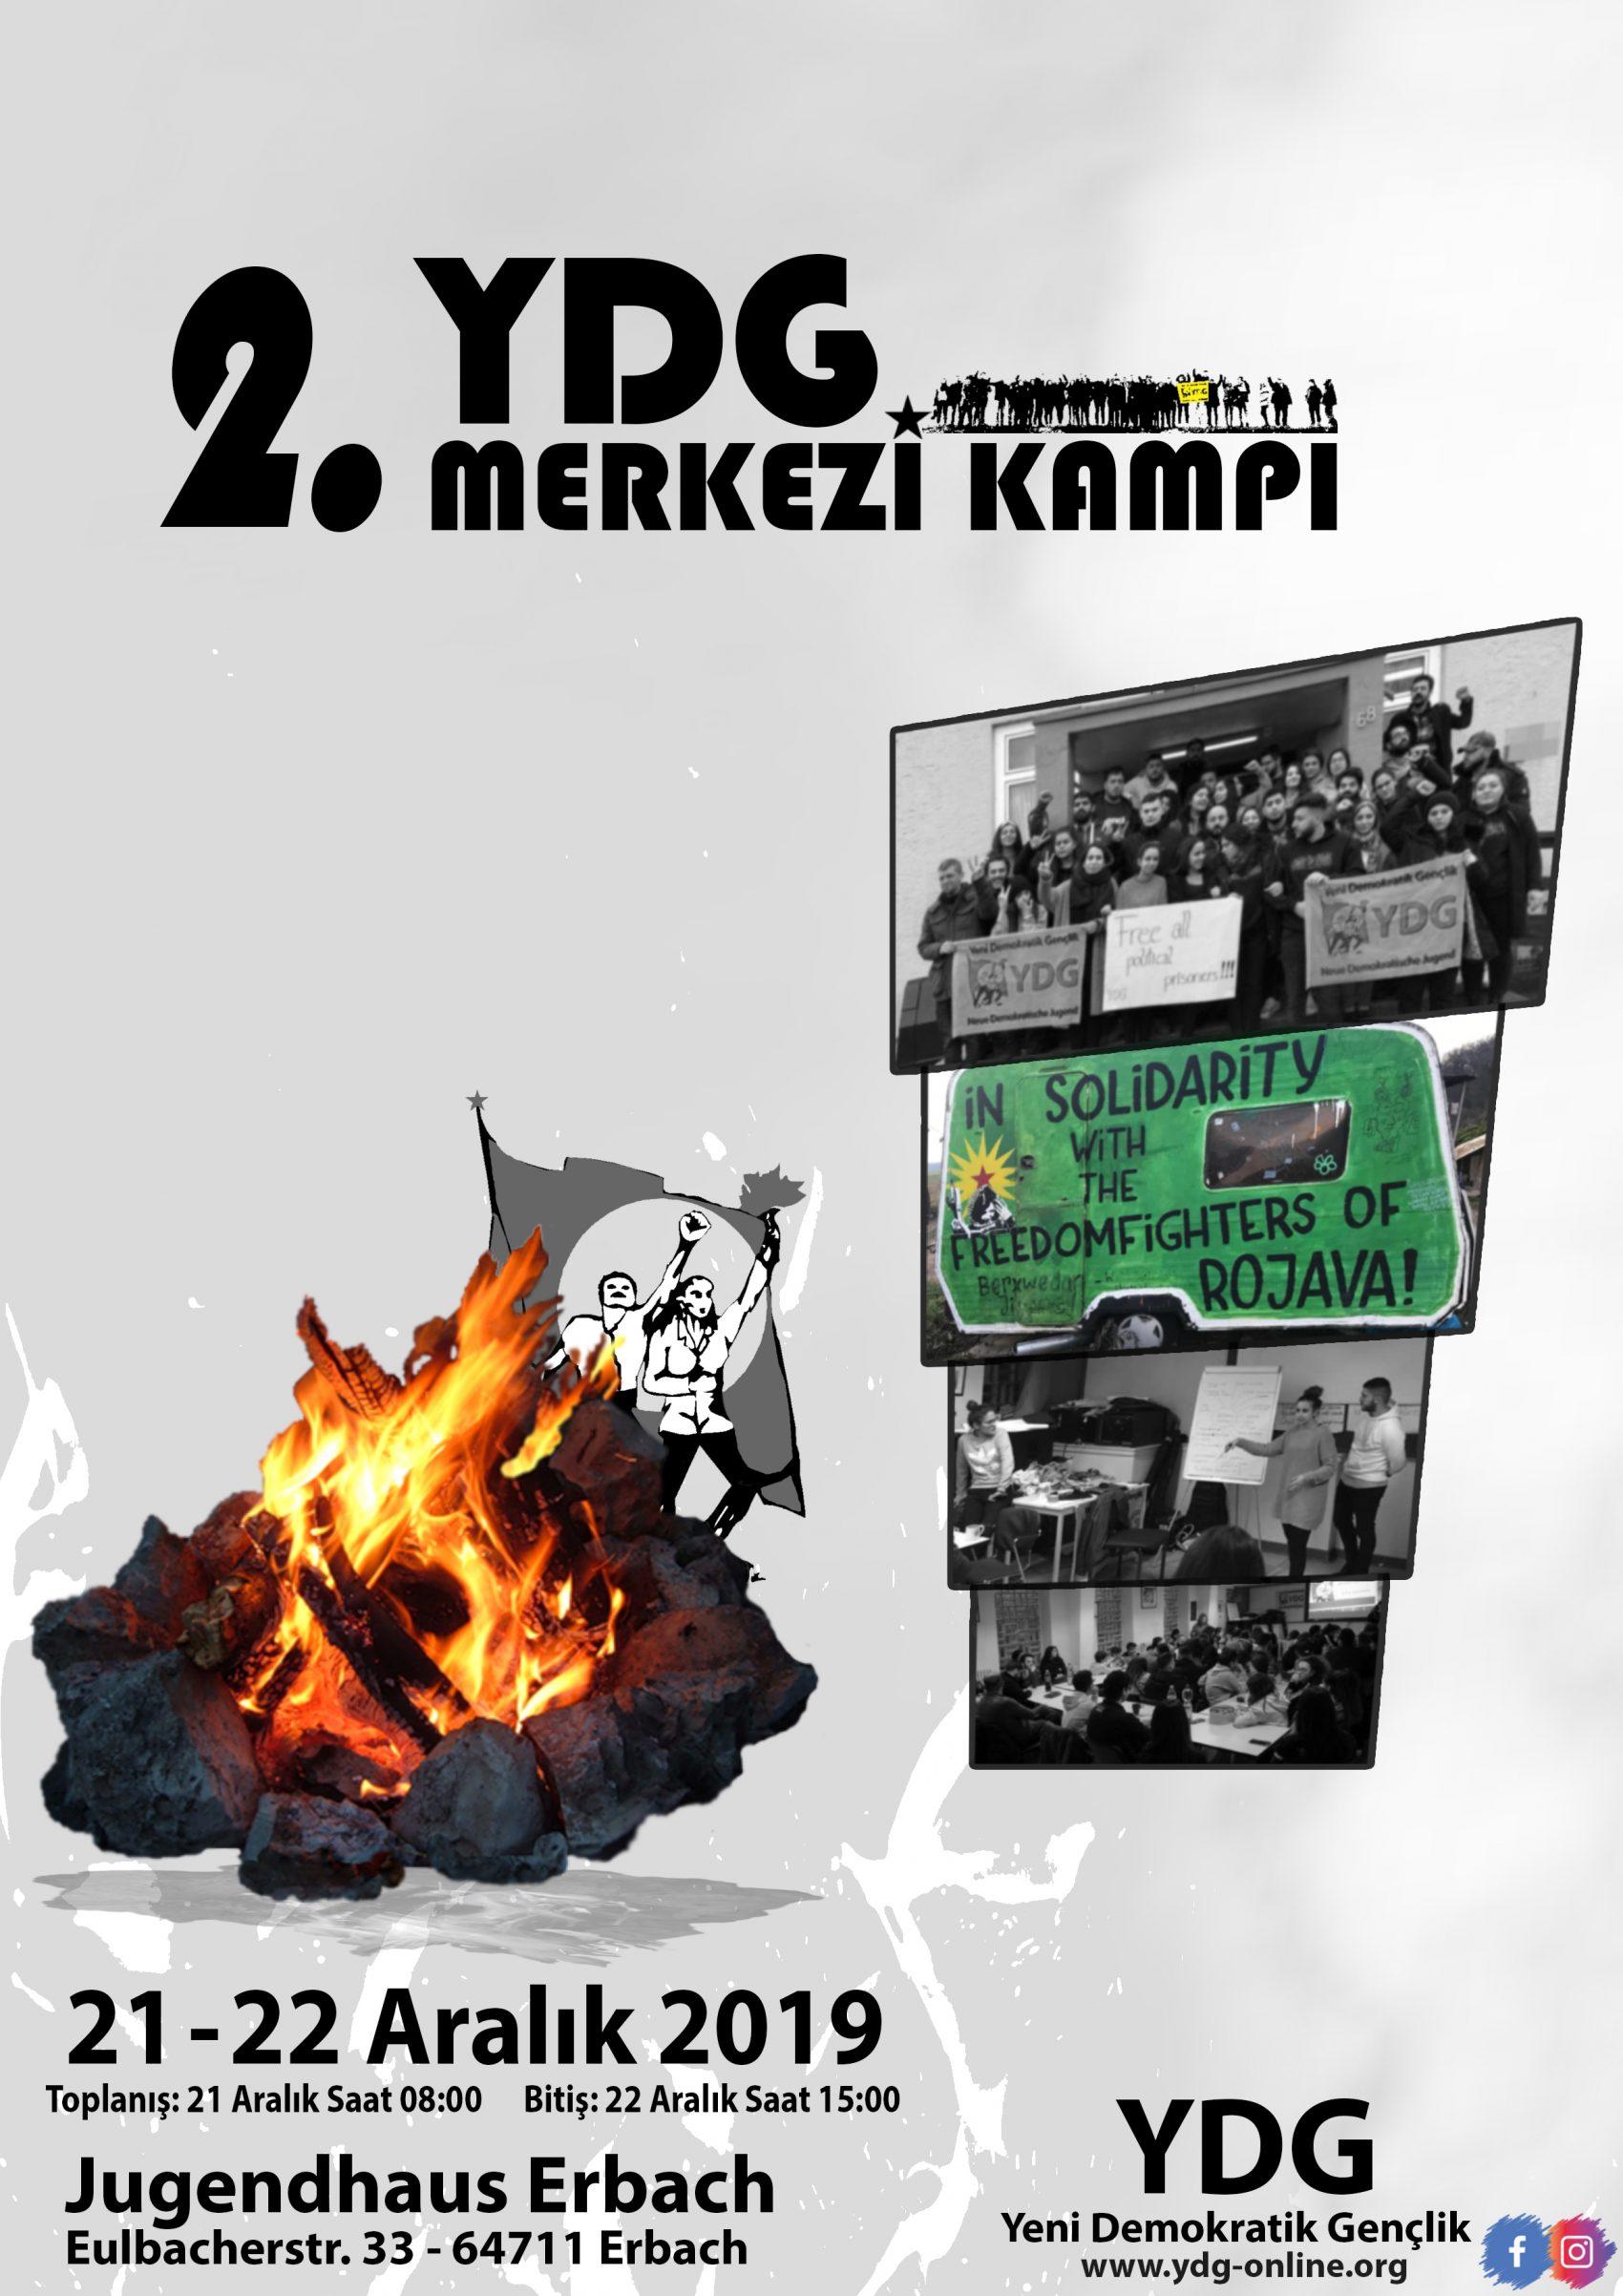 2. MERKEZİ KAMPIMIZ ERBACH'TA!